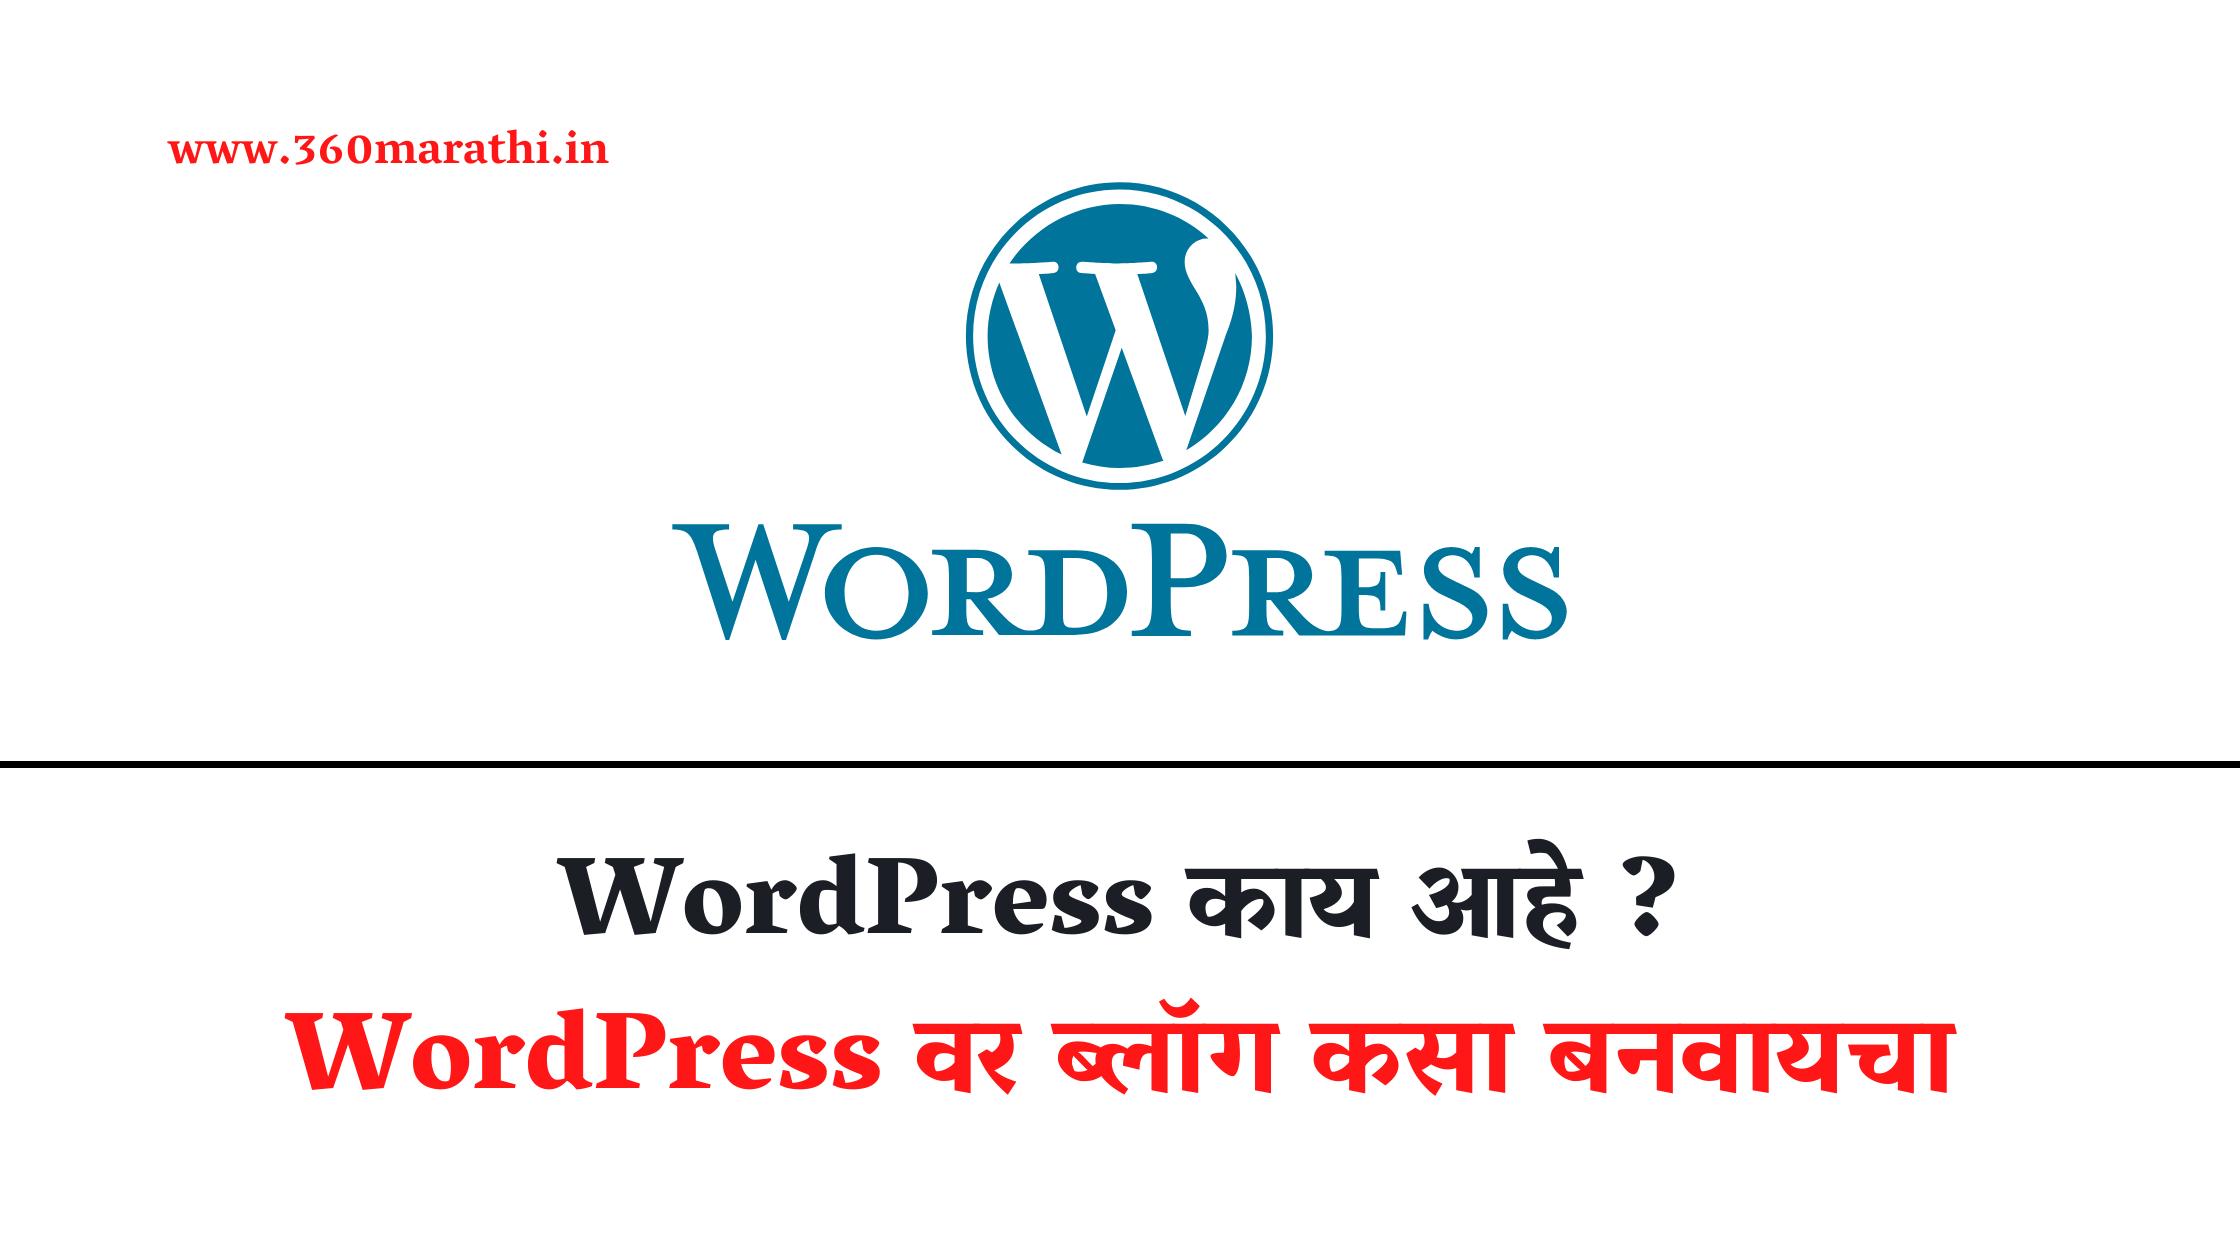 WordPress काय आहे ? WordPress वर ब्लॉग कसा बनवायचा